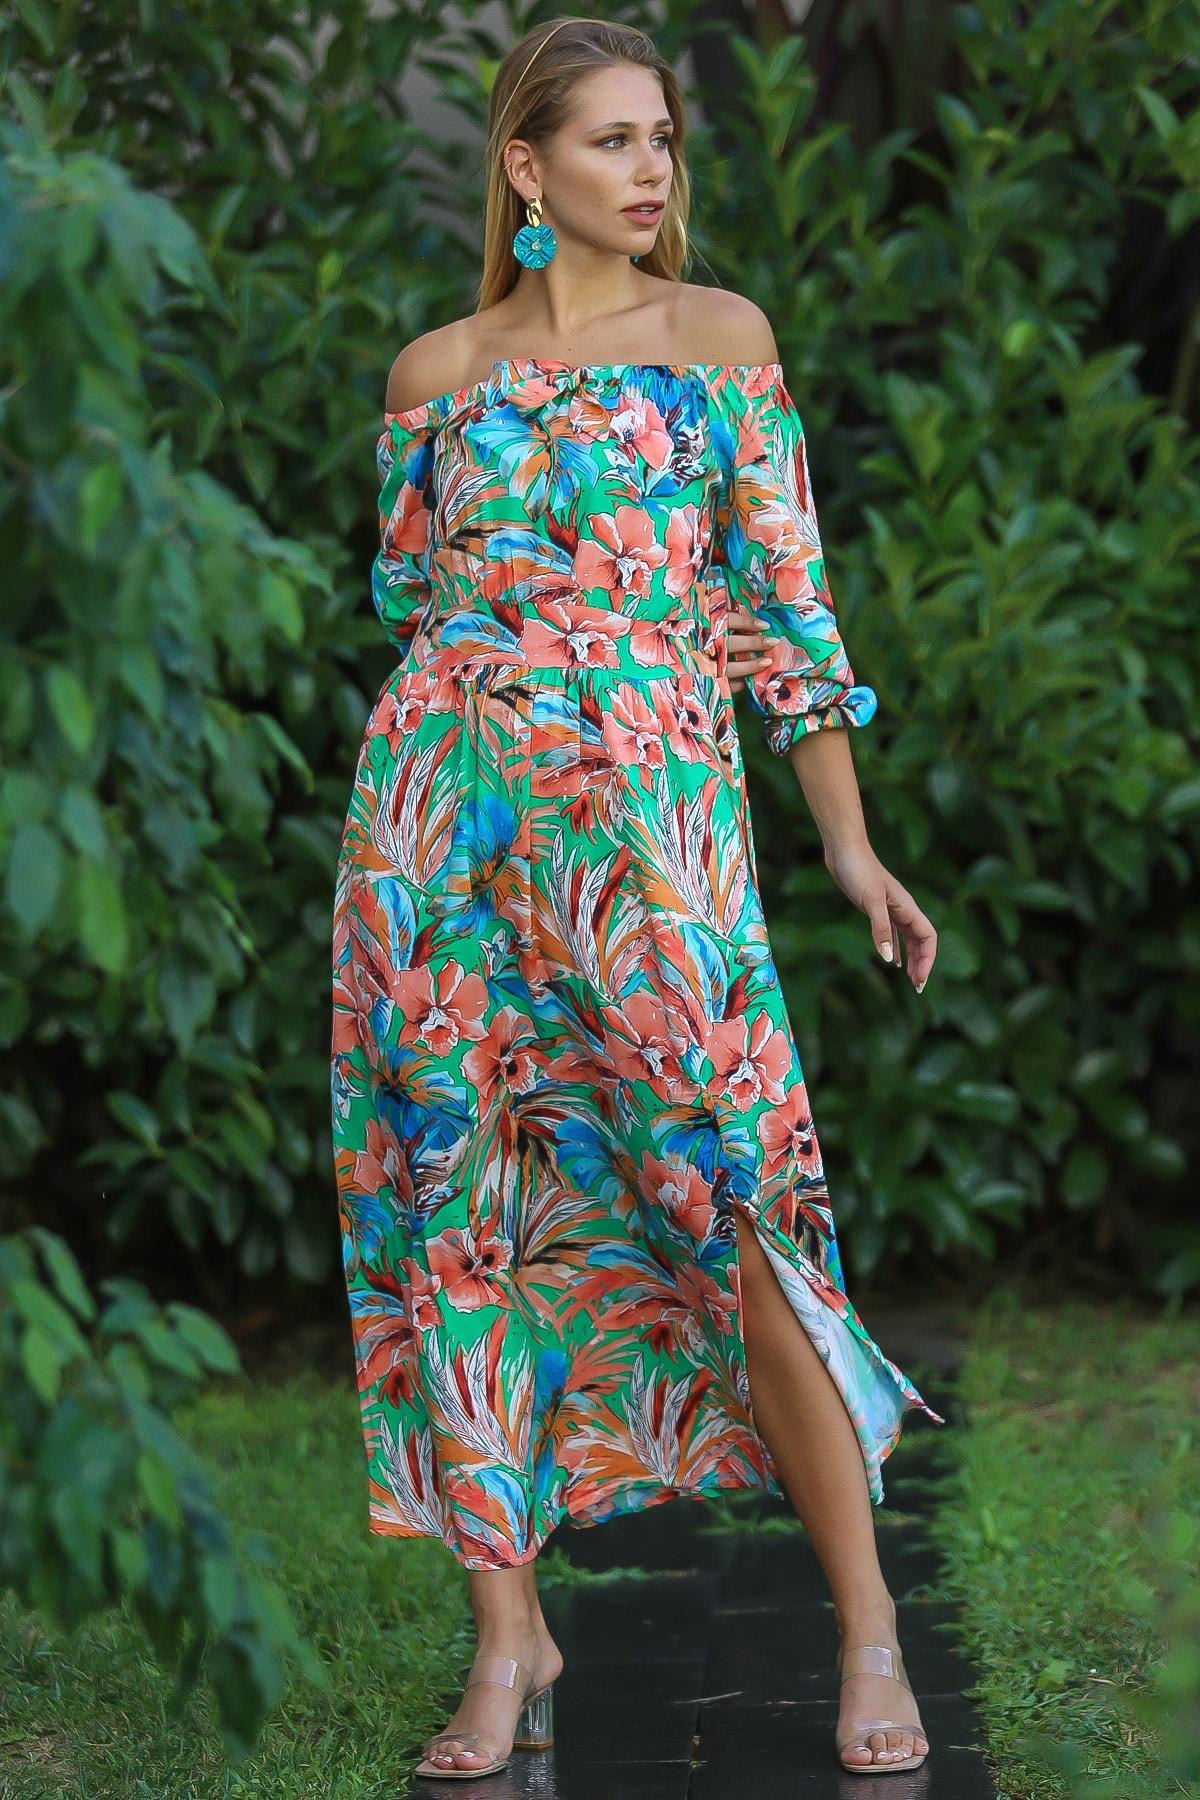 Chiccy Kadın Yeşil Bohem Carmen Yaka Sırtı Fermuar Detaylı Yırtmaçlı Uzun Elbise M10160000El96499 1